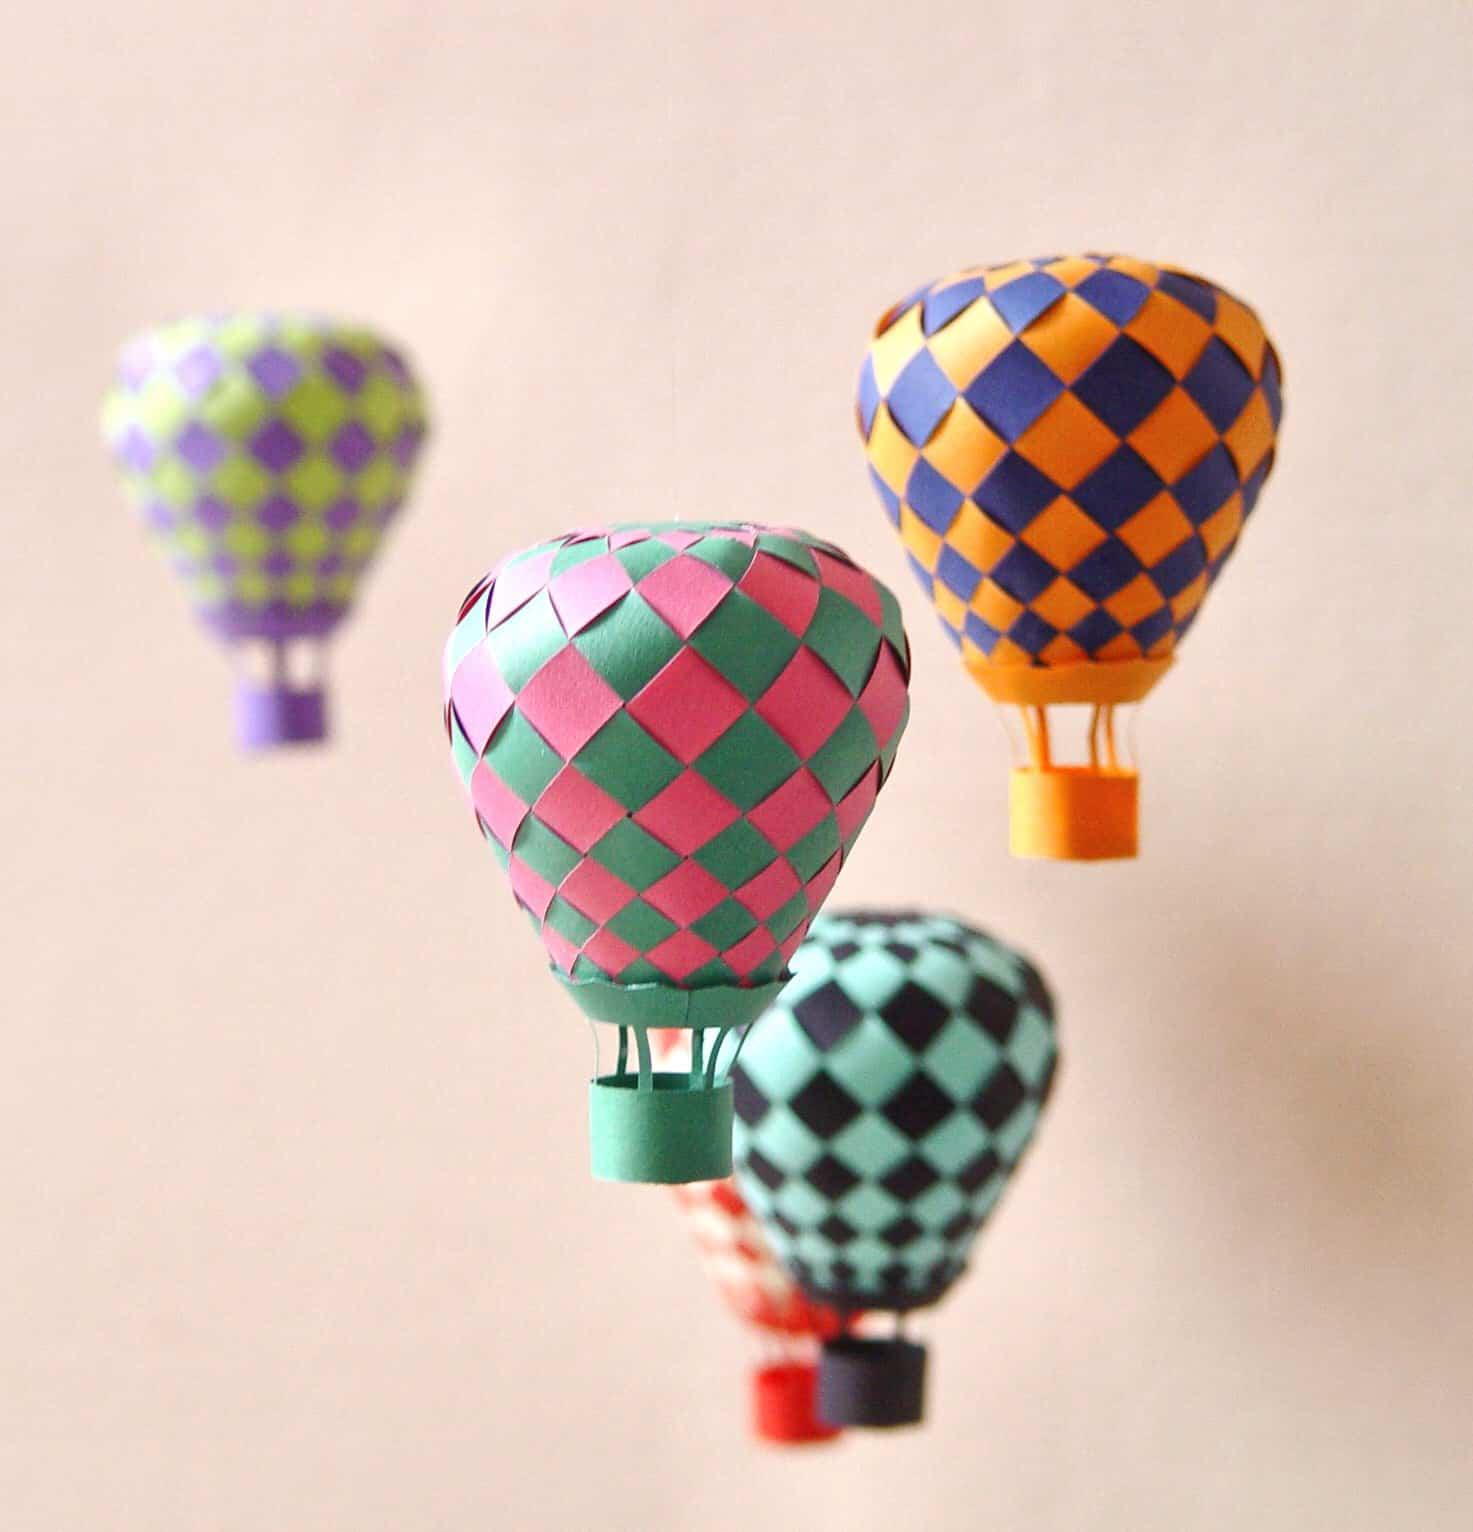 Woven paper hot air balloons